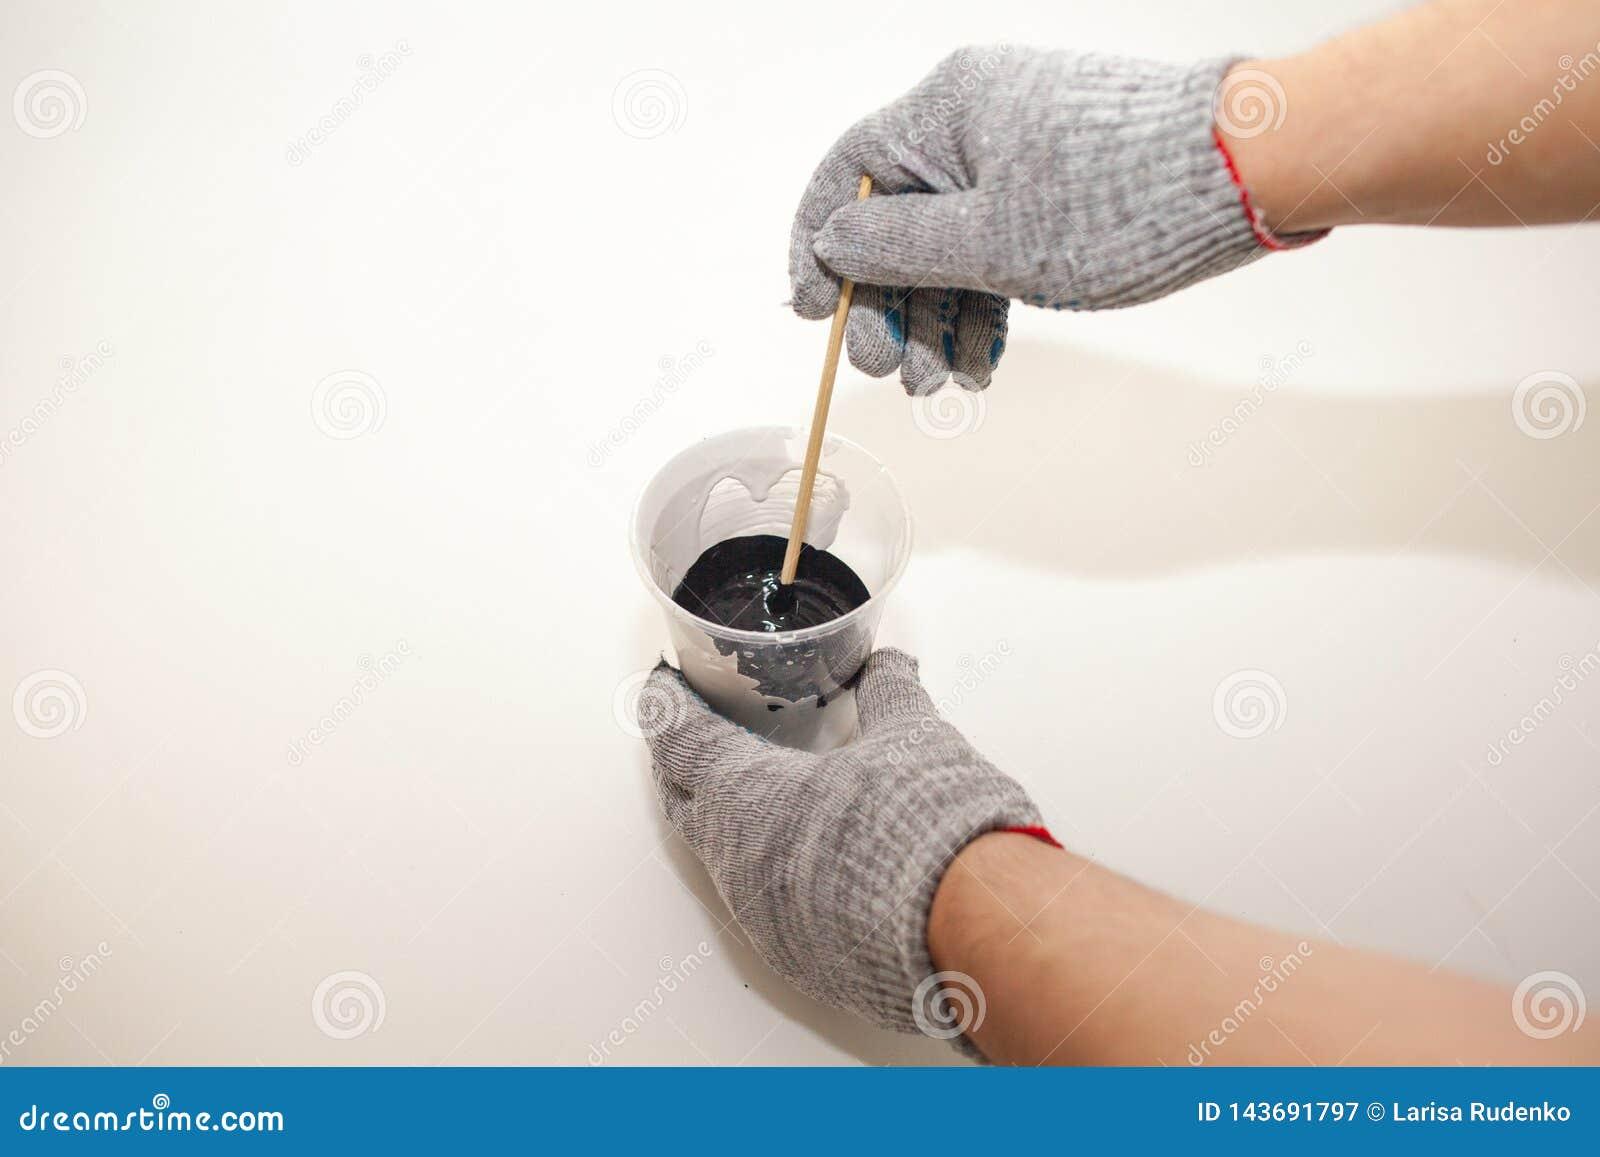 Pinte para derramar para misturar das cores, mistura das pinturas para pintar das placas